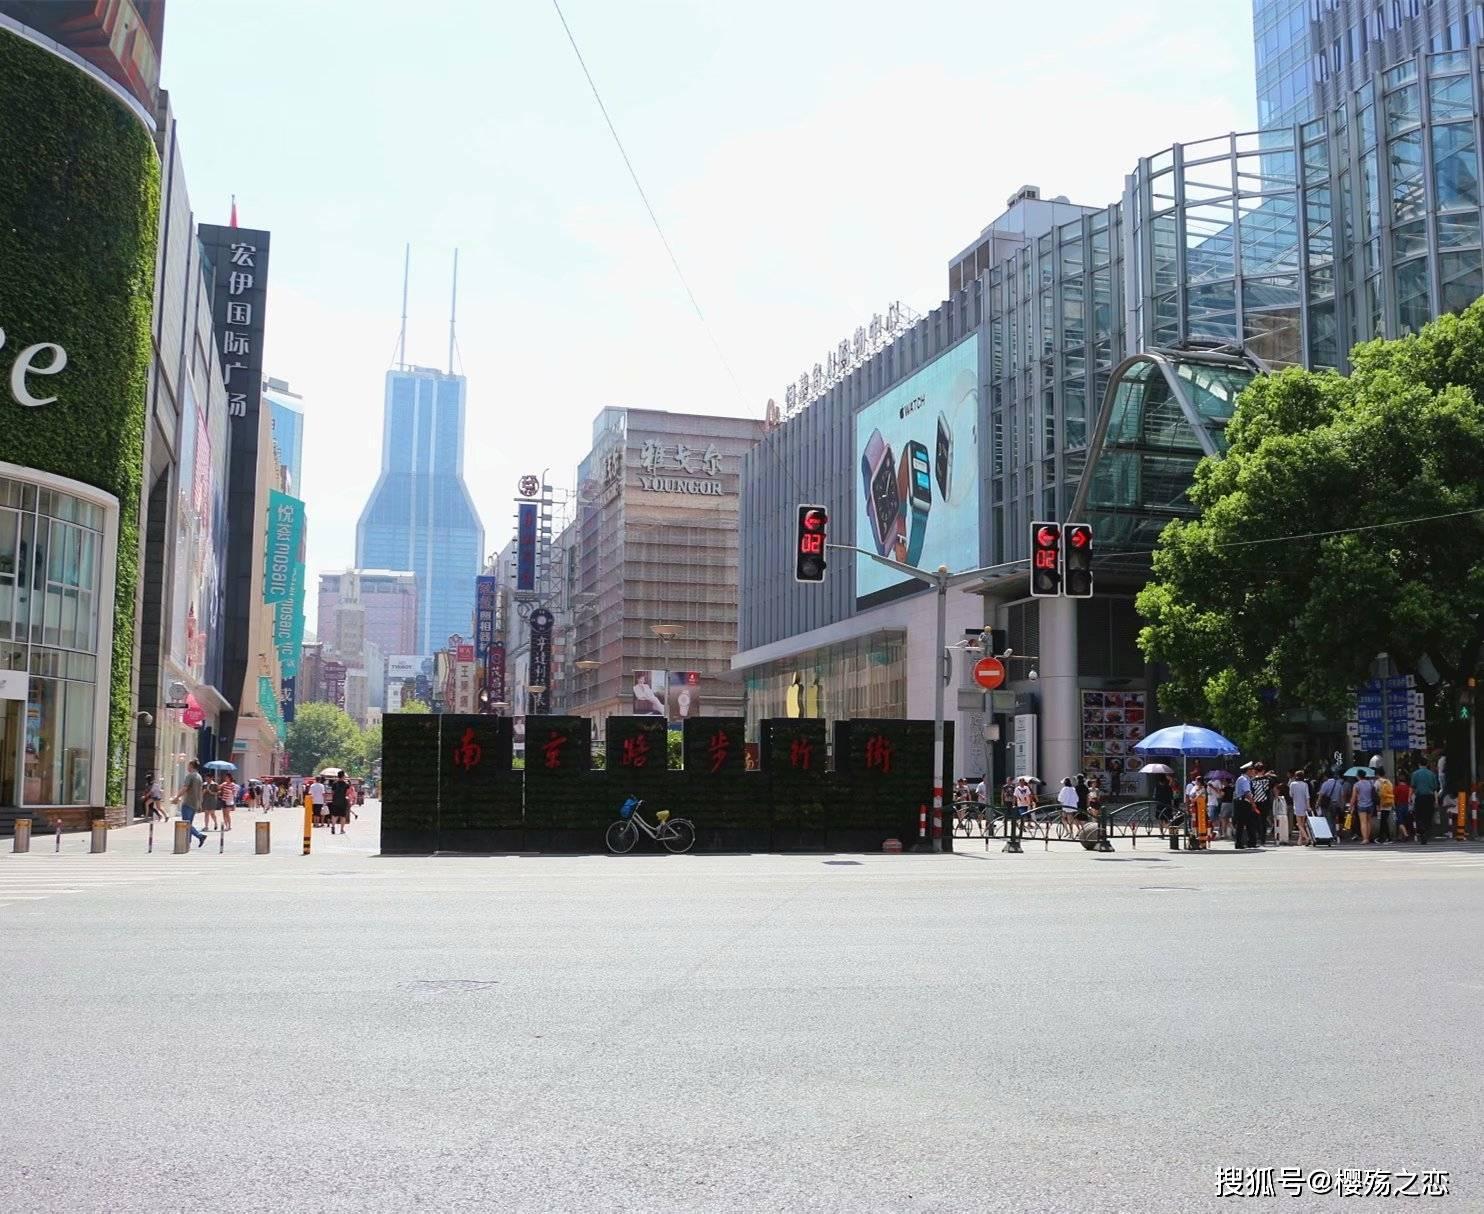 """原创             上海最有名的商业街,繁华了一百多年,被誉为""""中华商业第一街"""""""